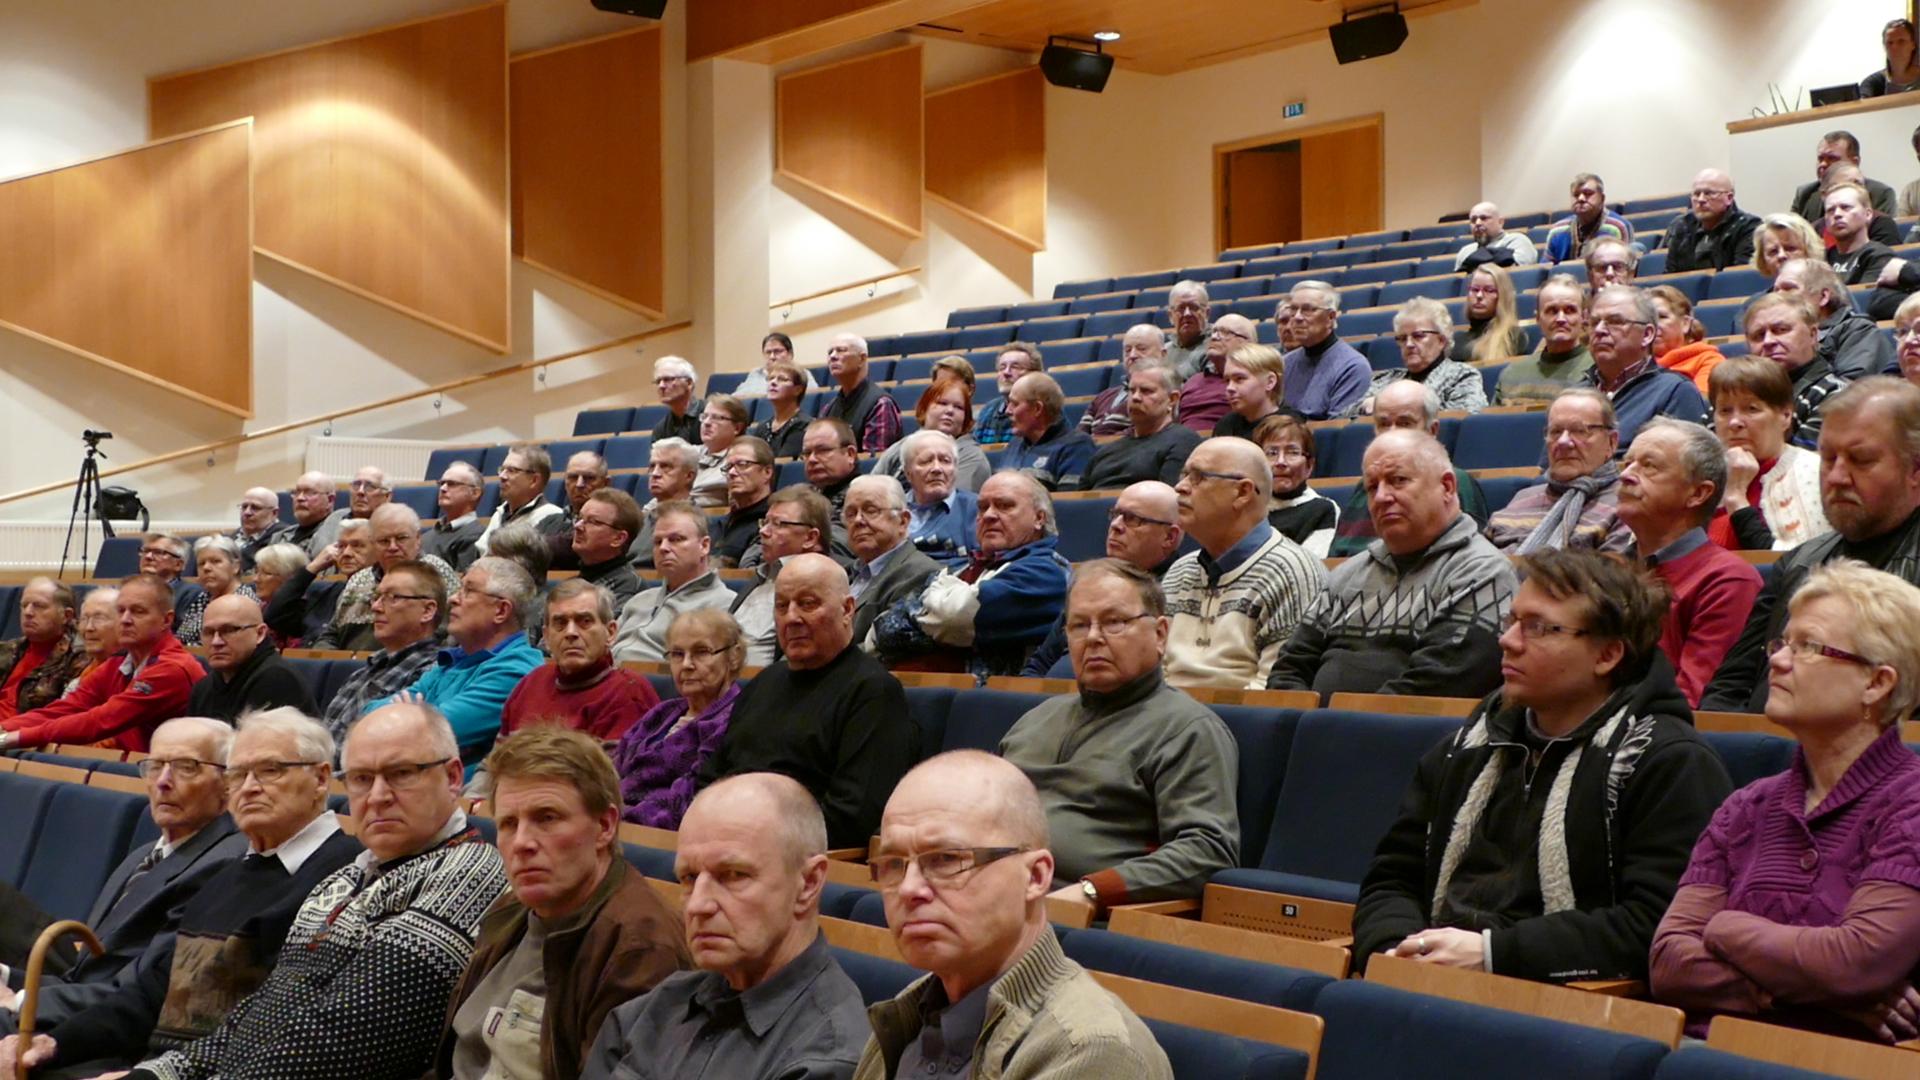 Tilaisuuteen osallistuivat veteraanit Teuno Tikkanen, Viljo Rantonen ja Erkki Siponen ja heidän kanssaan 250 henkilöä.